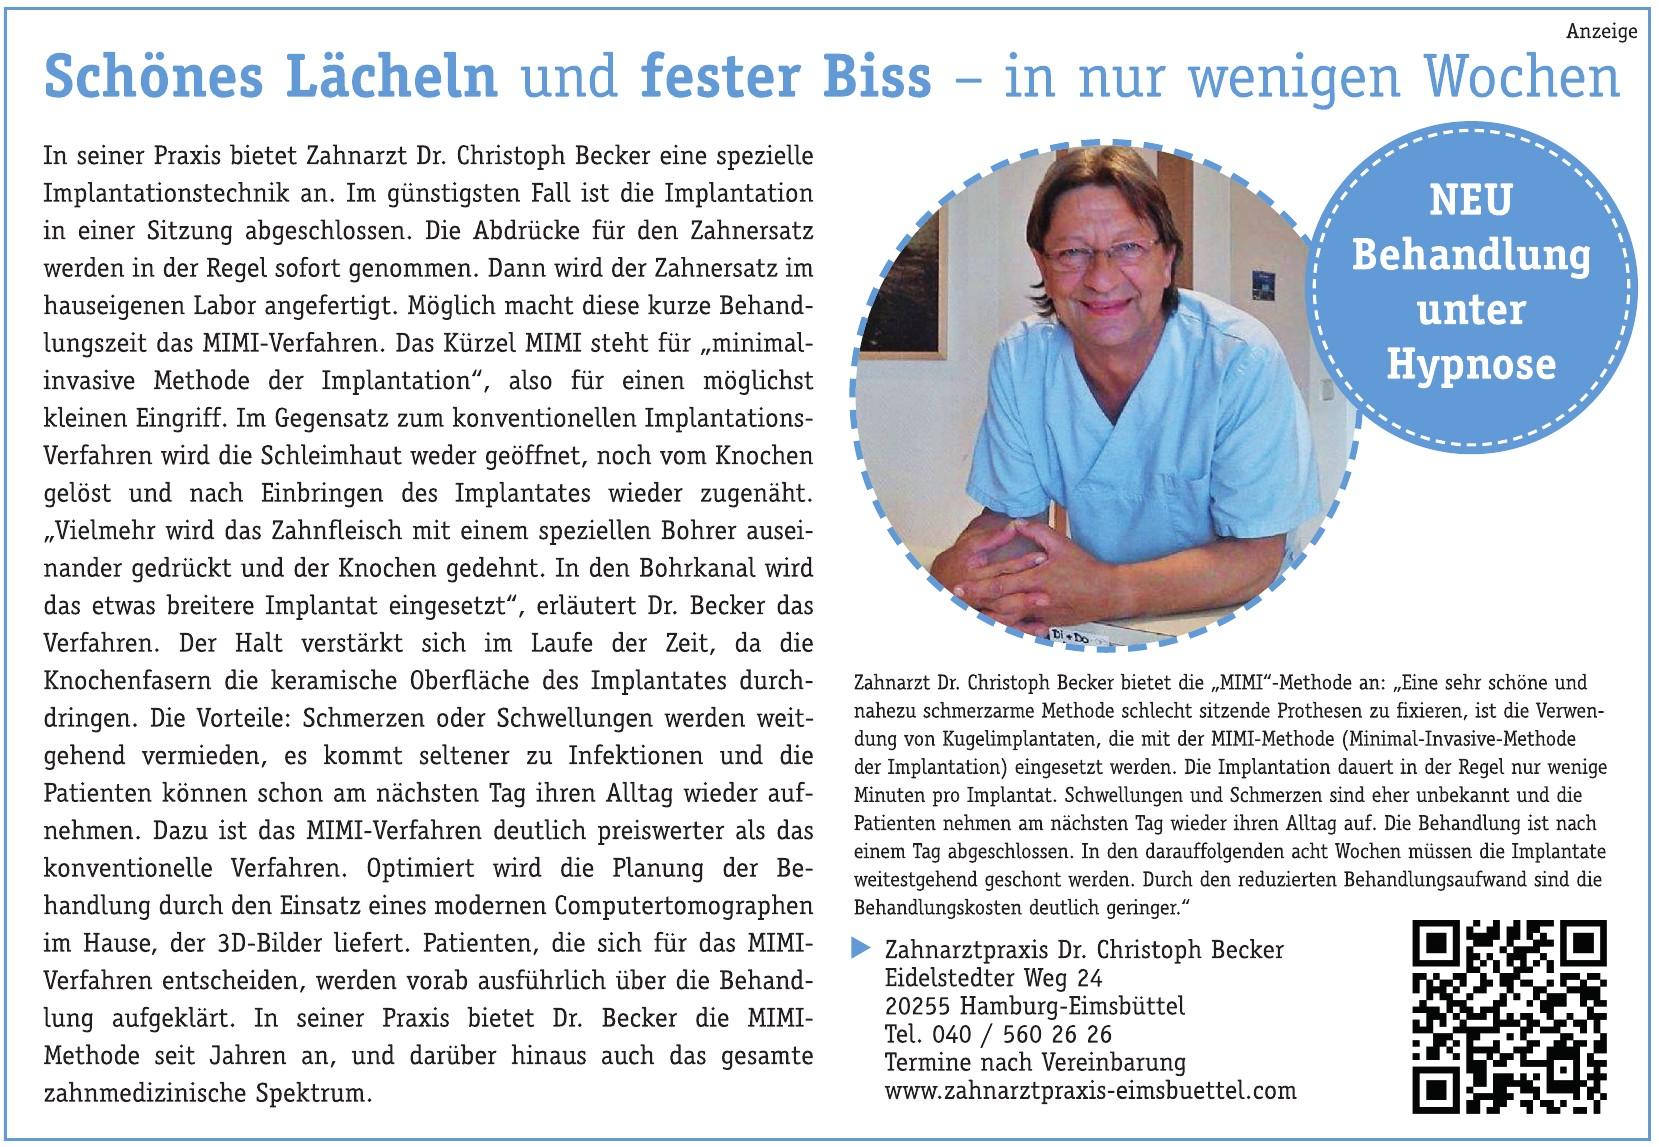 Zahnarztpraxis Dr. Christoph Becker